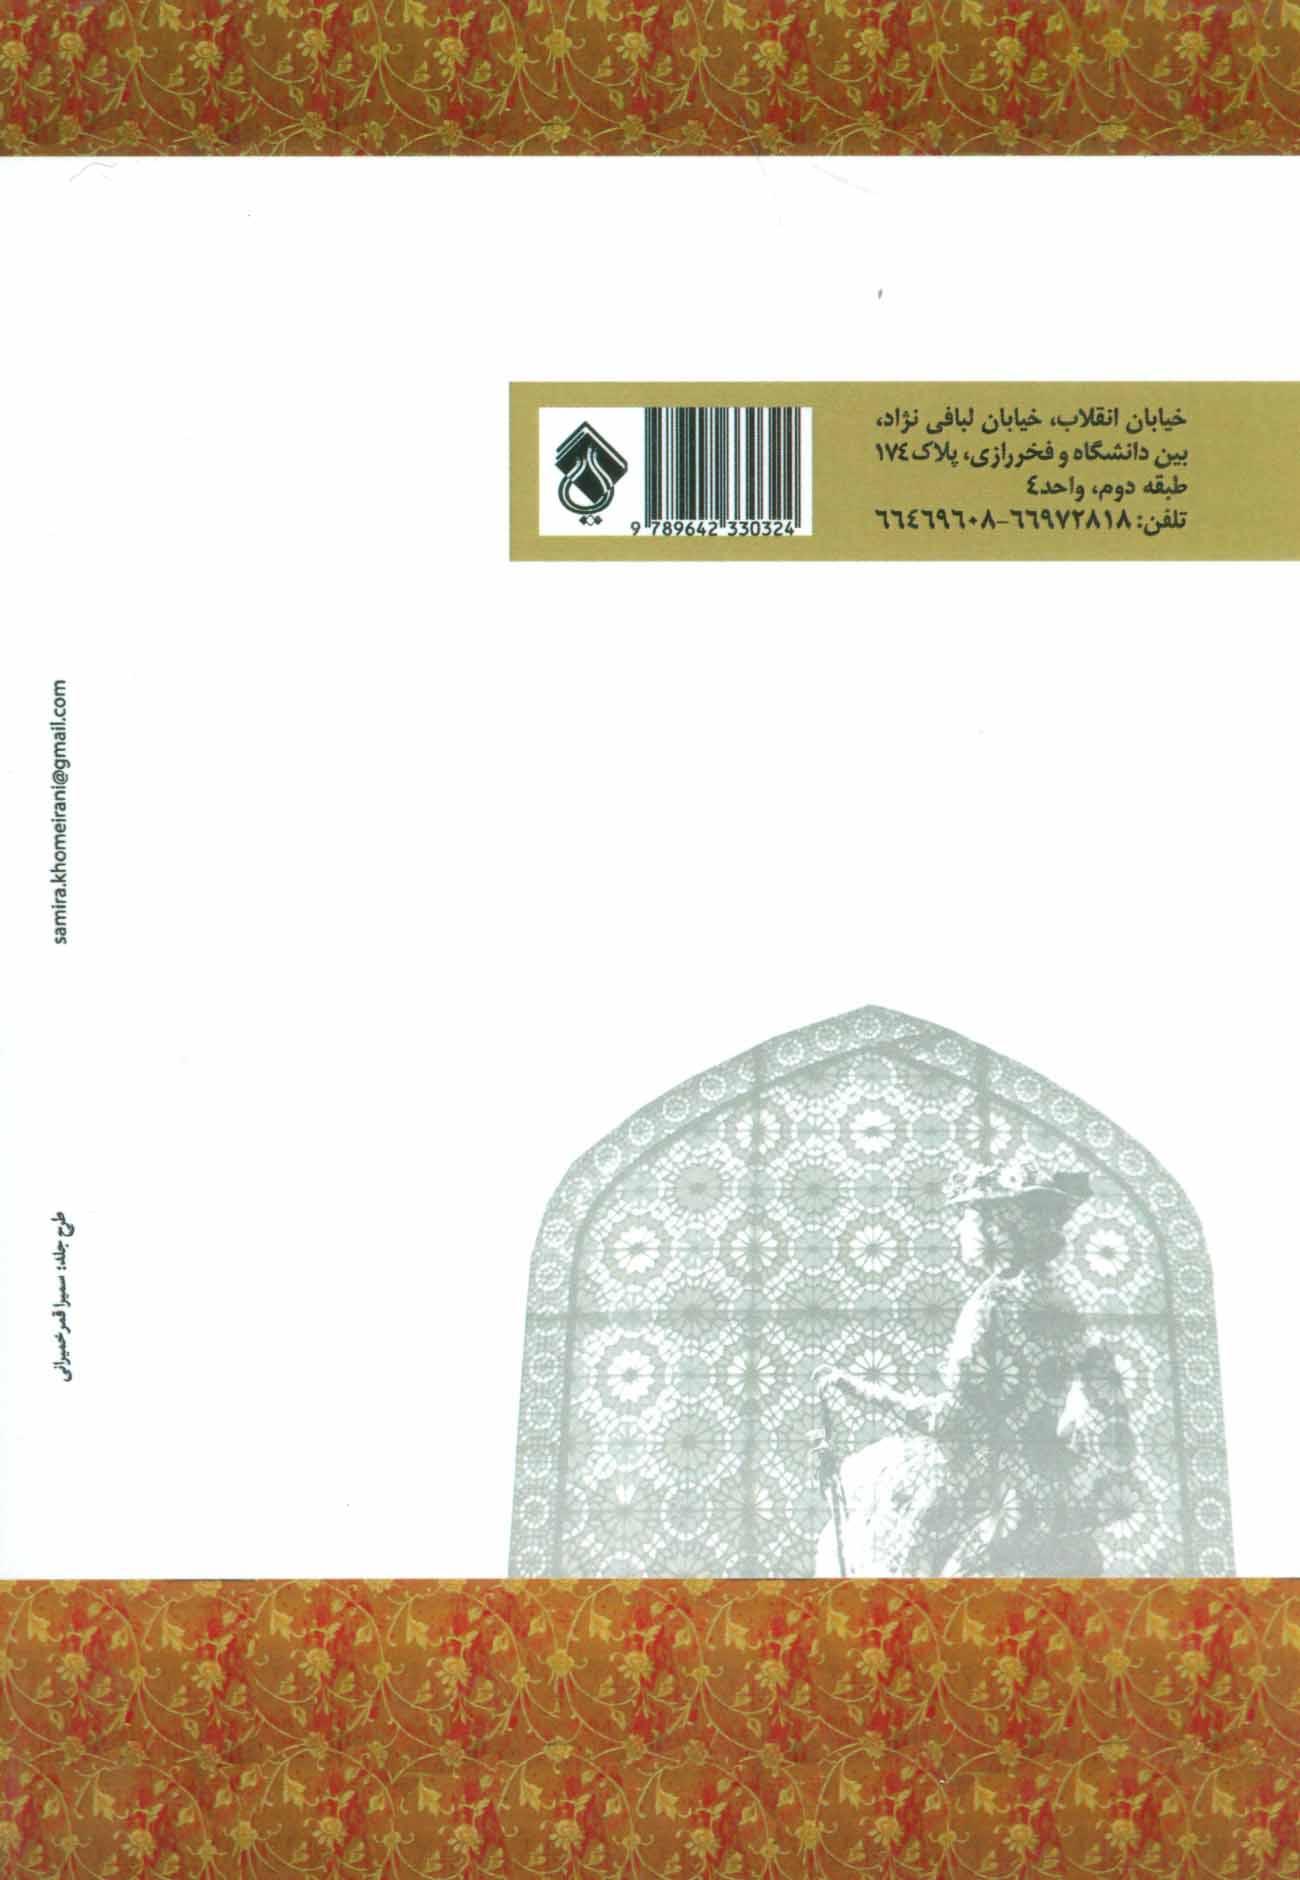 مستوره و هووی فرنگی (ارمغان فرنگ محمد بیگ،سفیر شاه سلطان حسین صفوی)